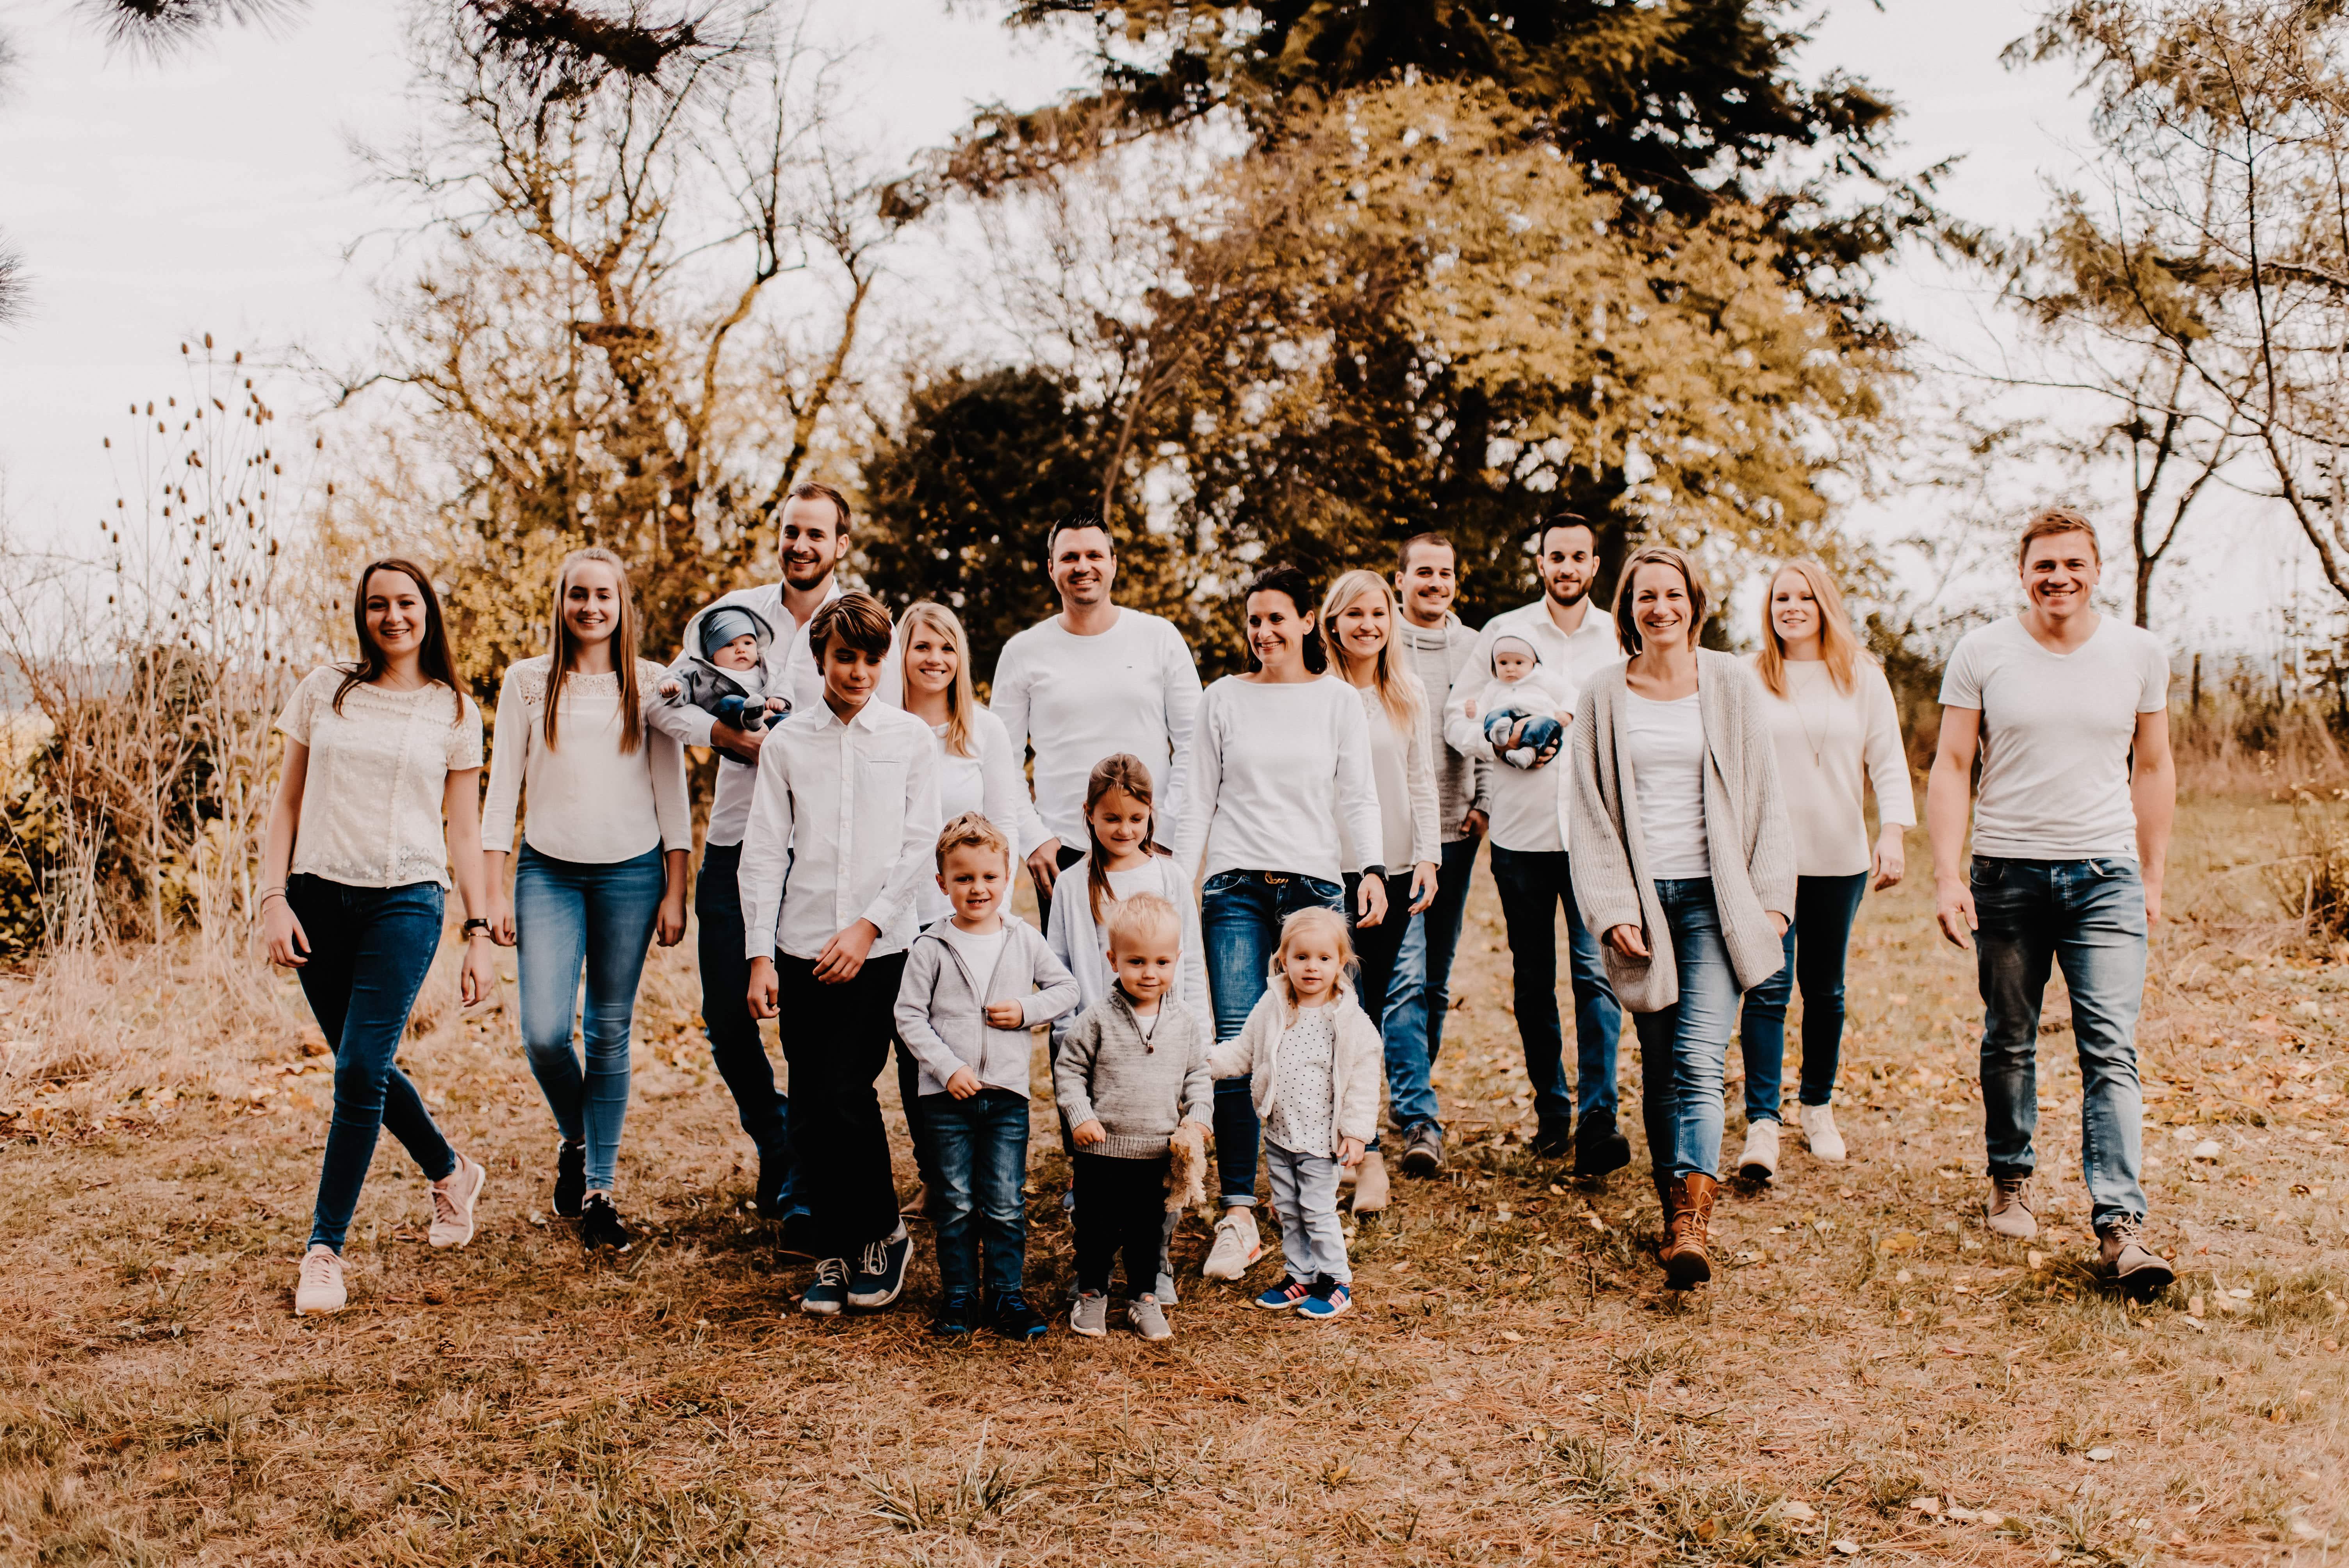 Großfamilie Fotoshooting